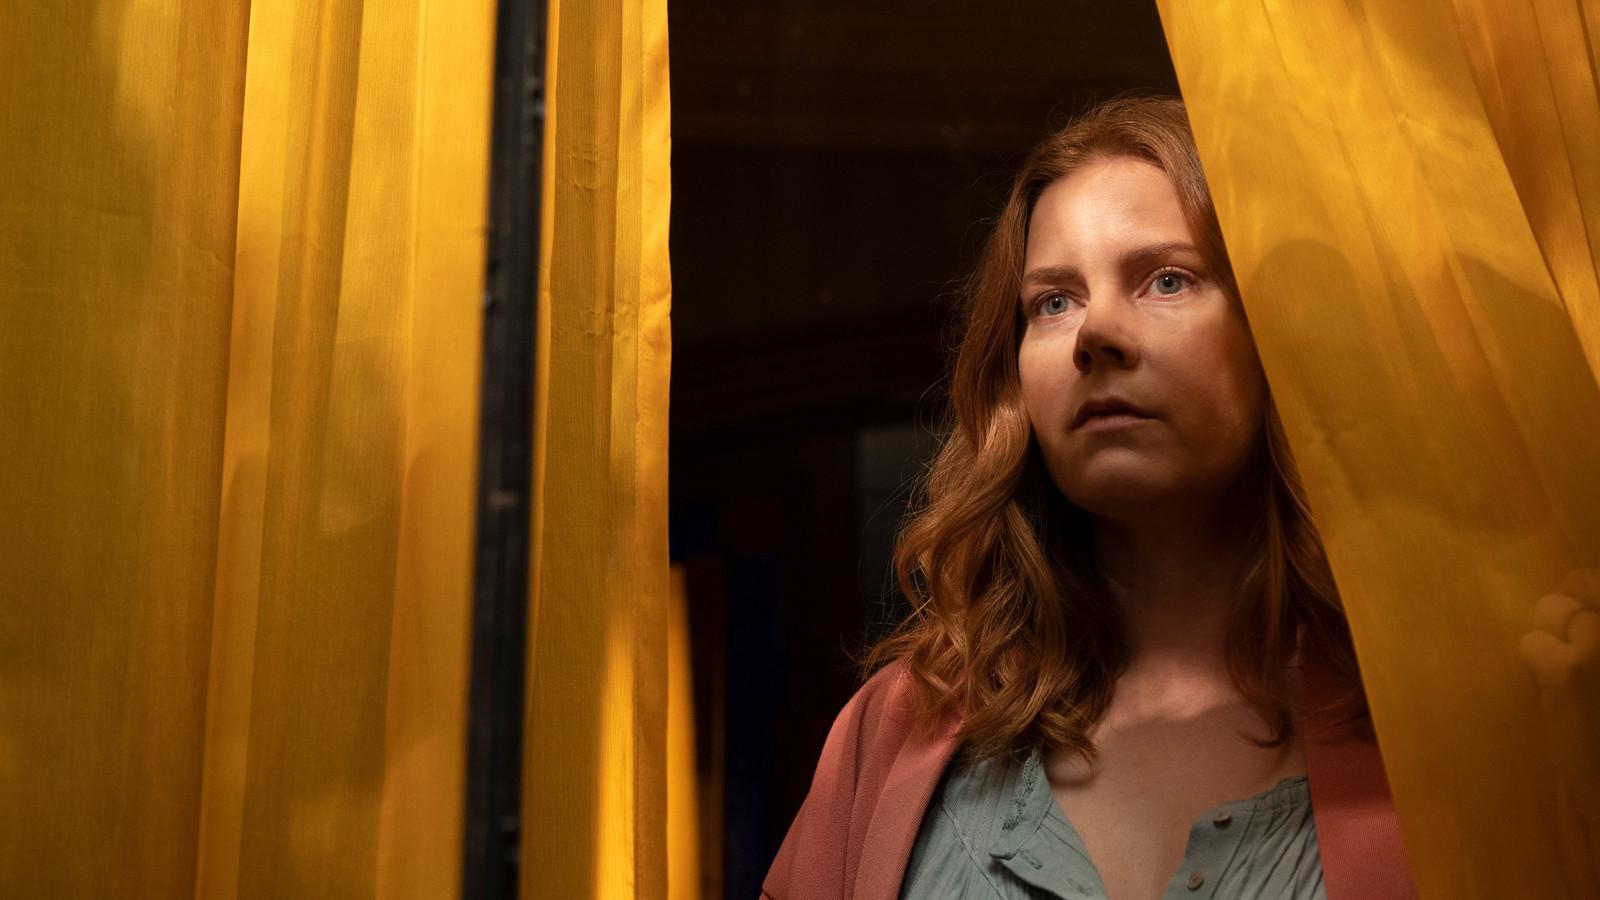 La femme à la fenêtre sortira sur Netflix mi-mai.